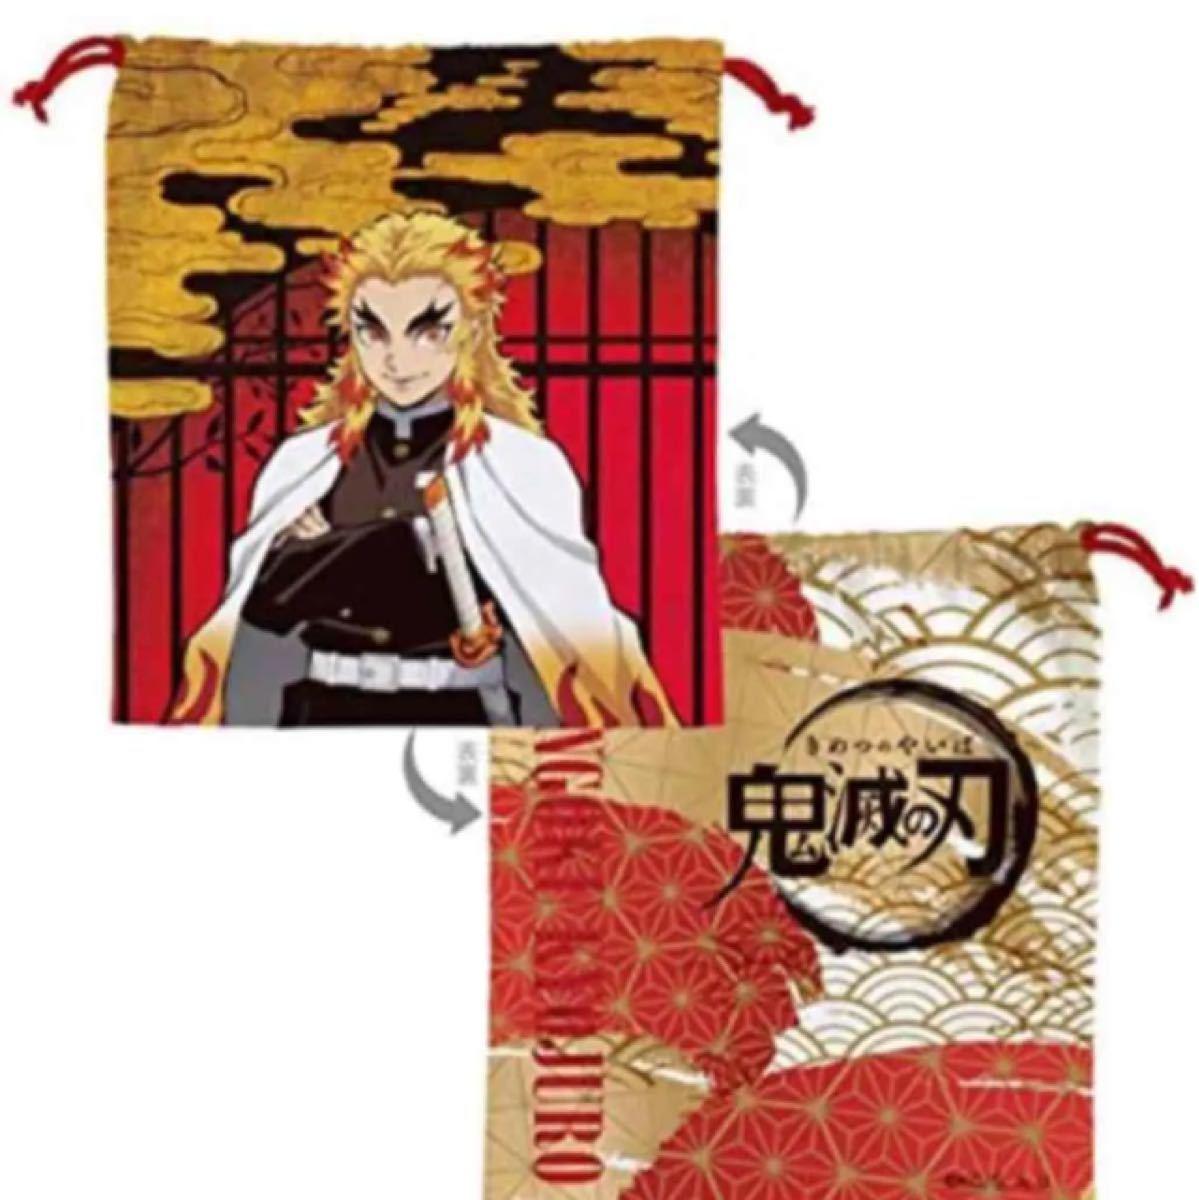 鬼滅の刃 巾着 巾着袋 煉獄杏寿郎 柱 和風 和柄 和物 煉獄さん ポーチ